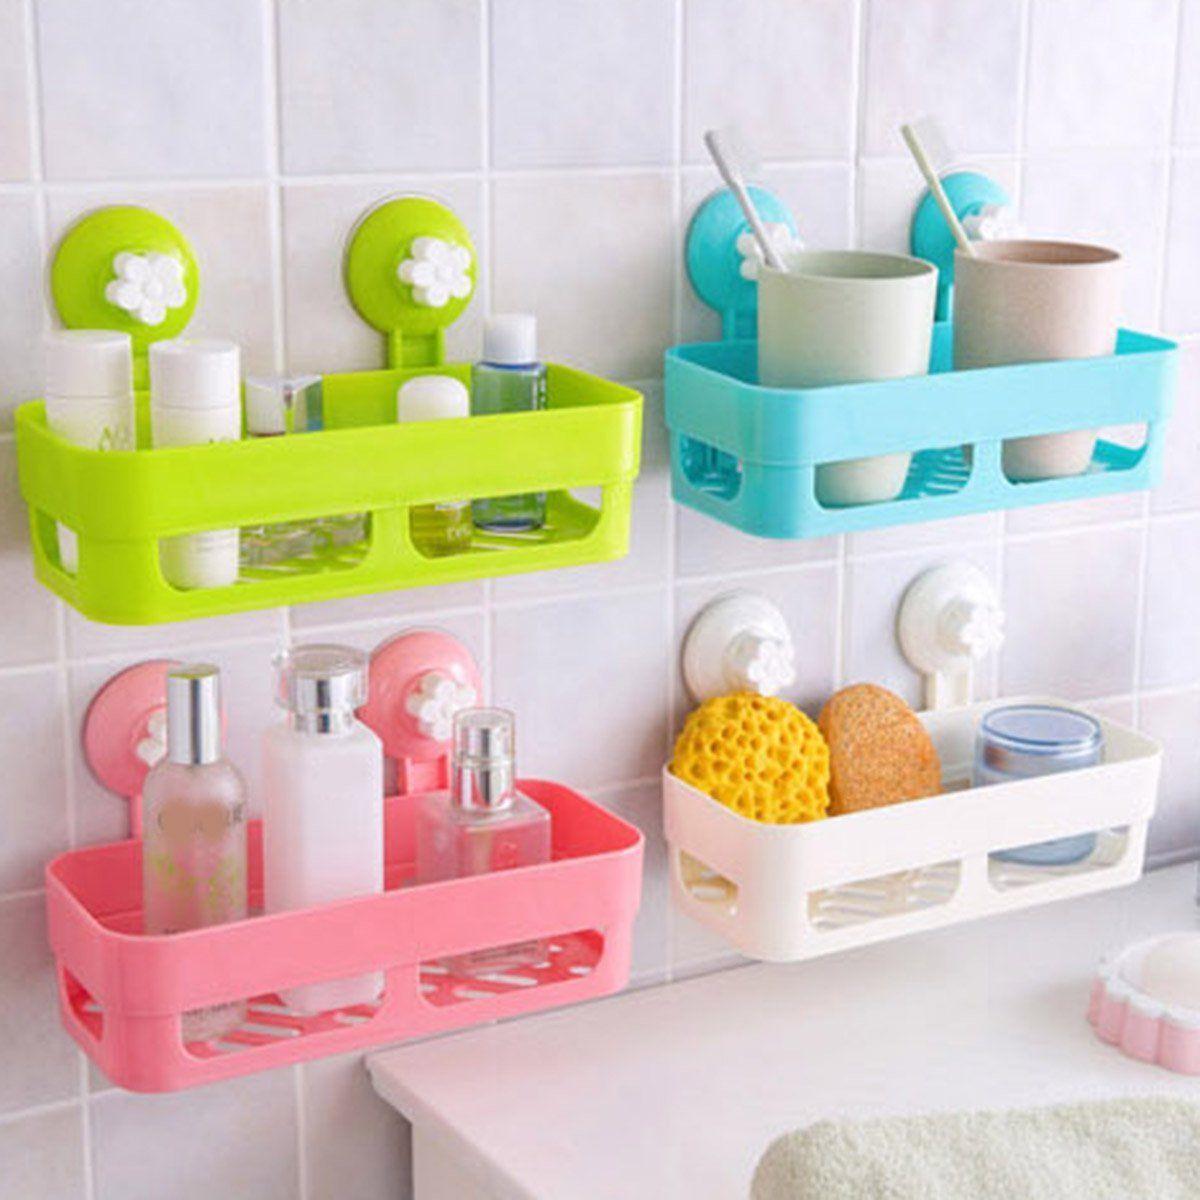 Kitchen Bathroom Storage Holder Shelf Shower Caddy Organizer Basket ...